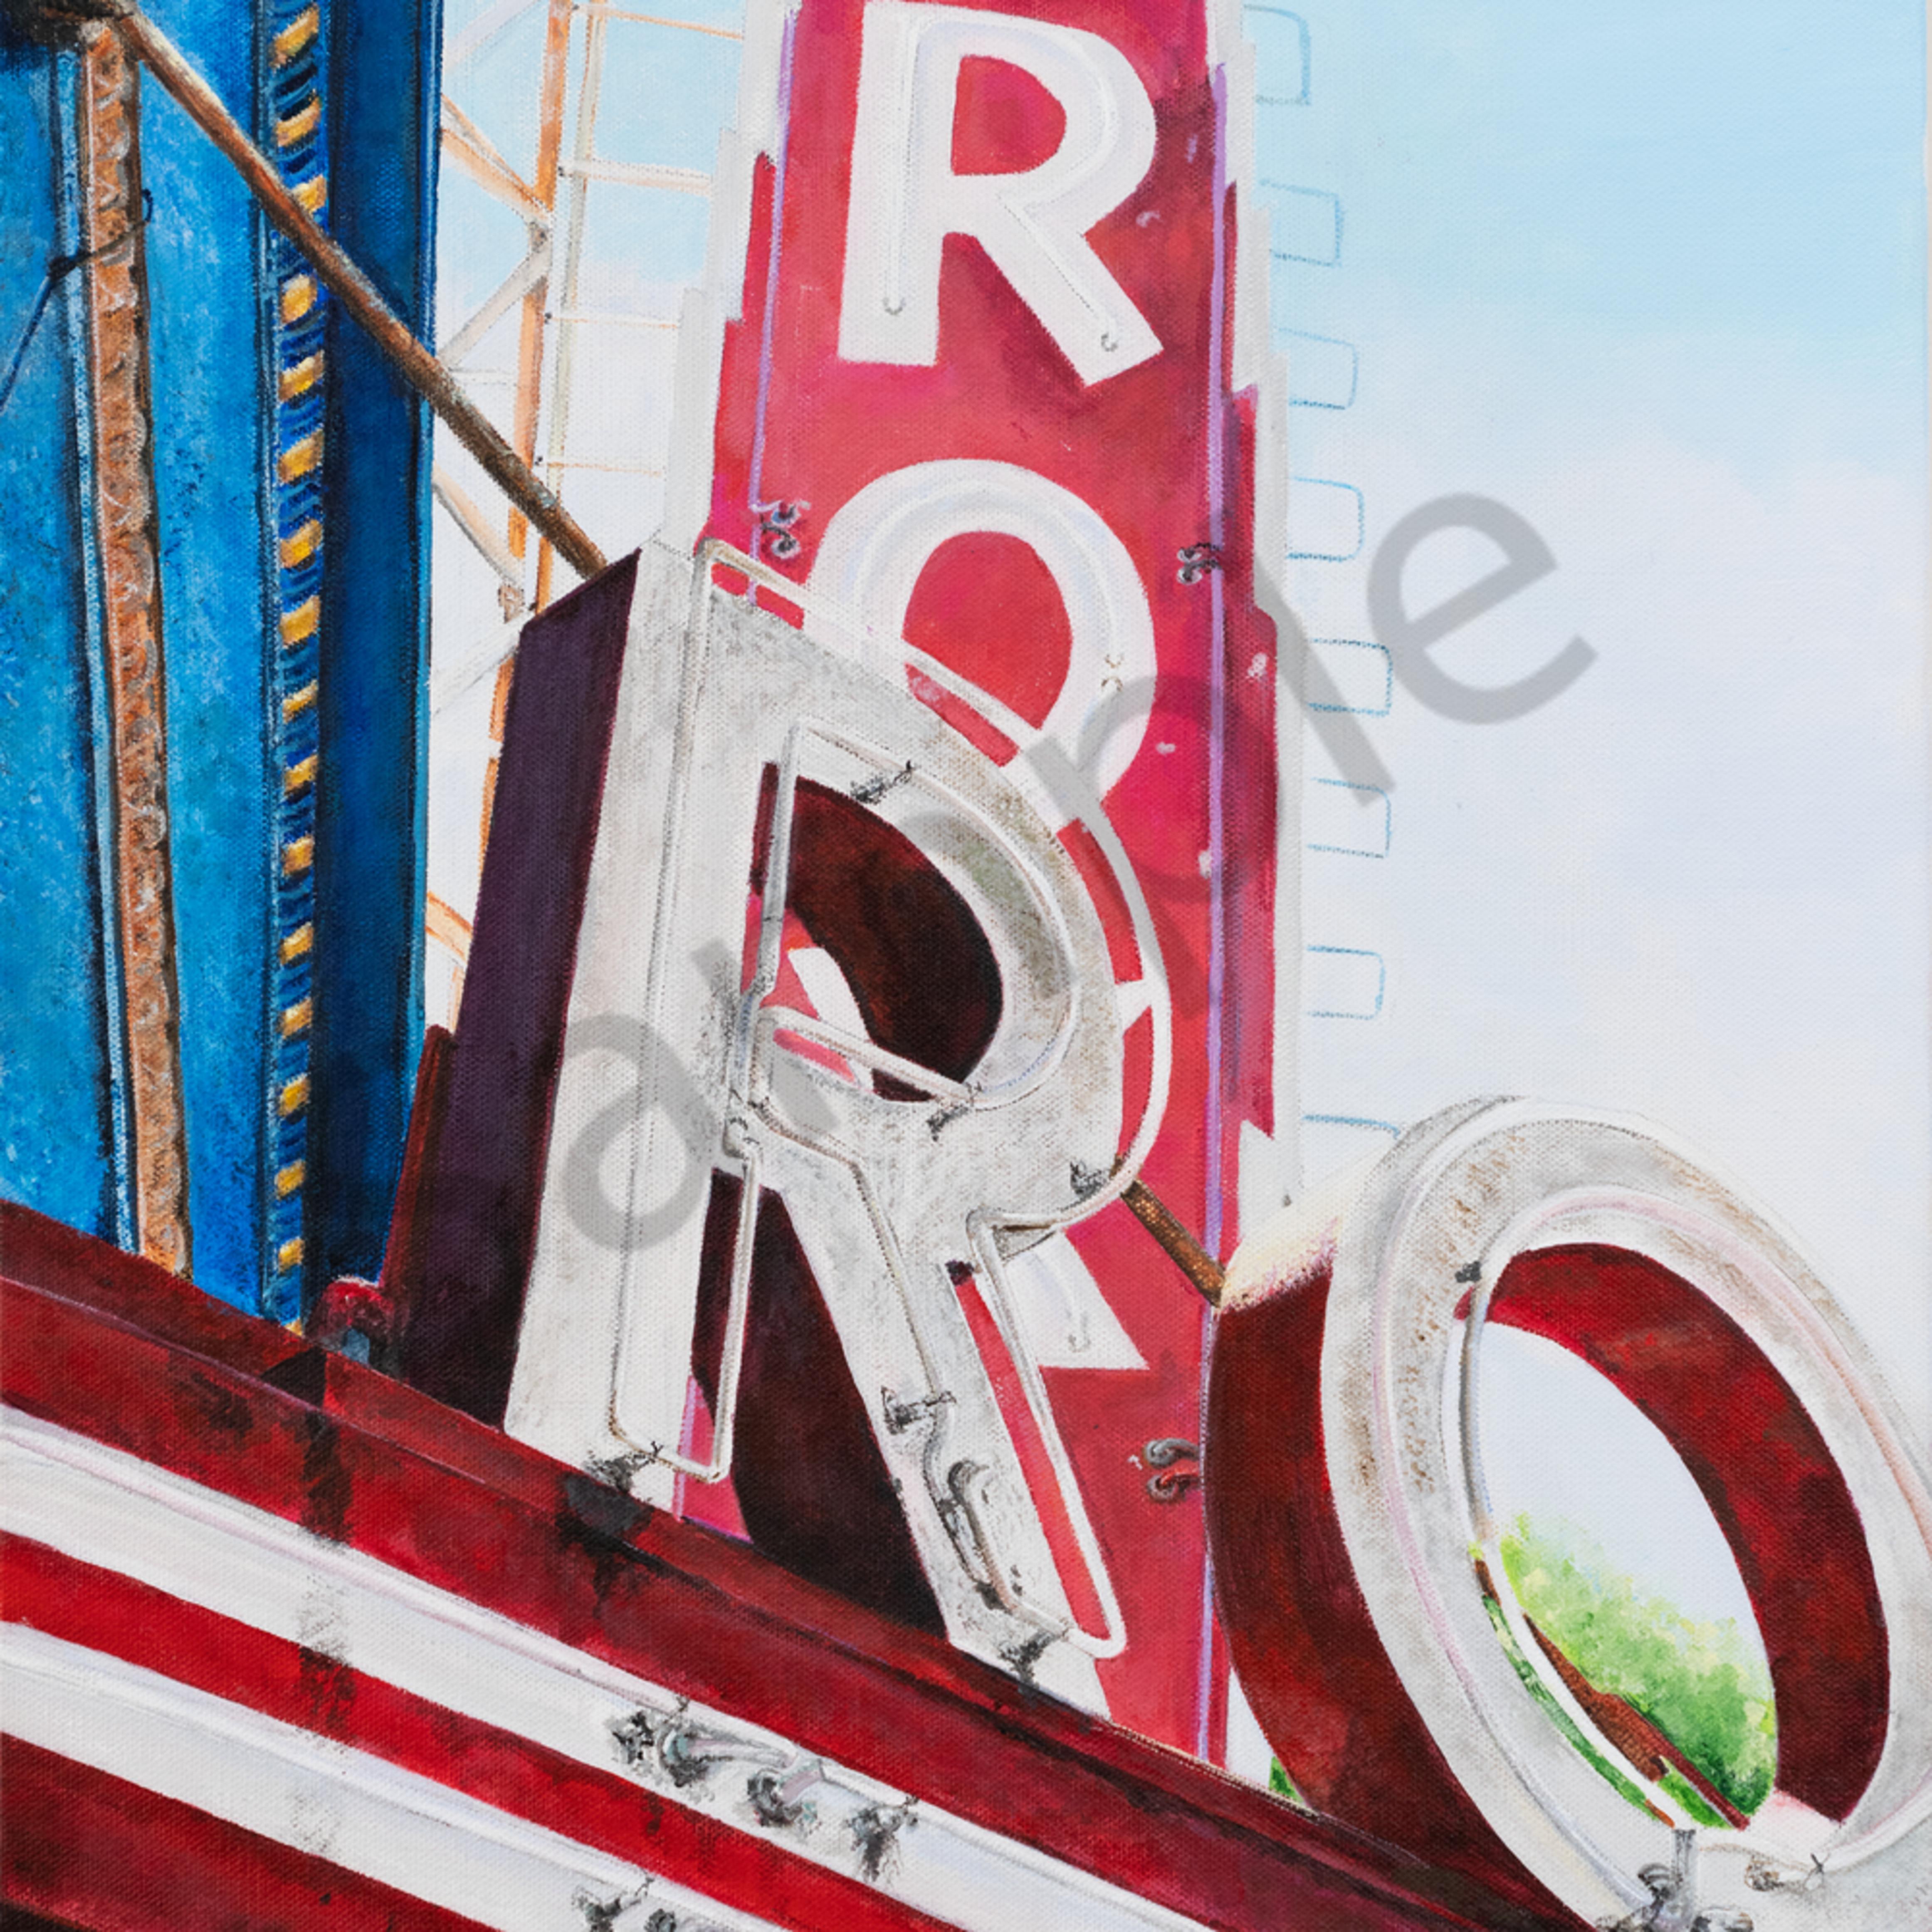 Roxytheater odonnell 01337 zspd9d